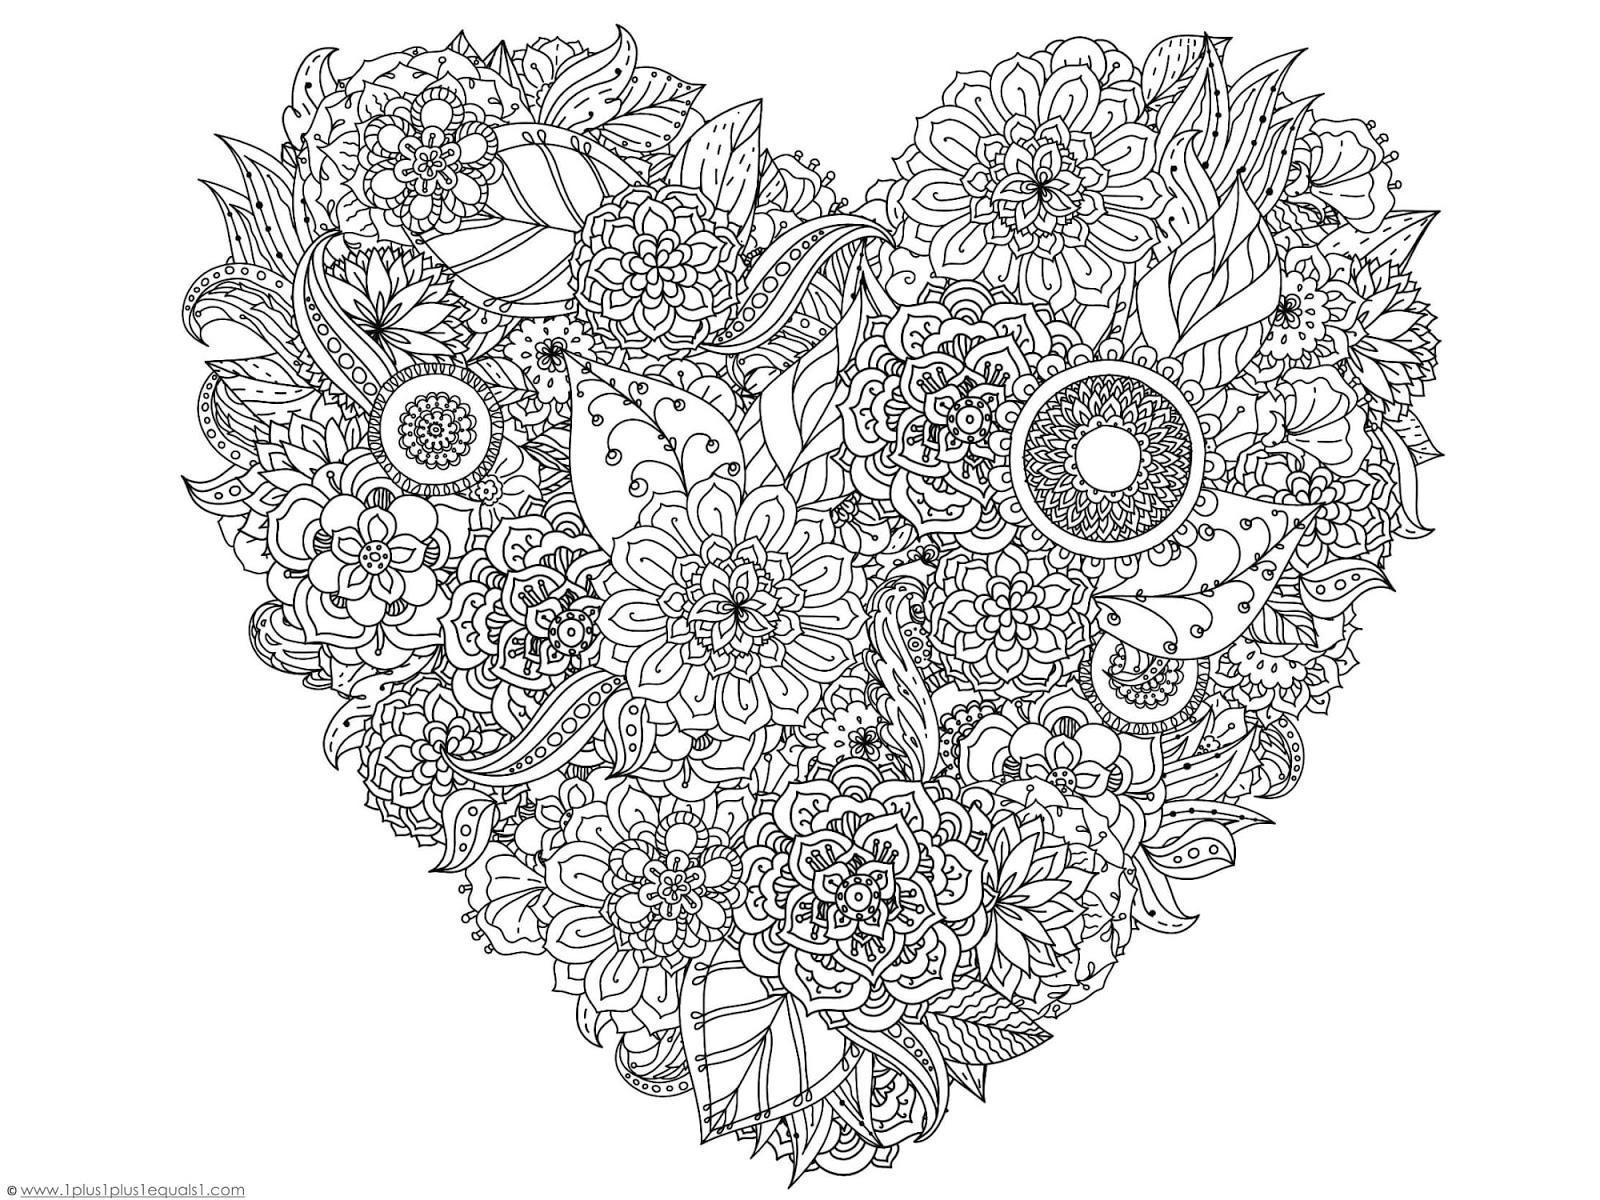 34 Imaginative Doodle Art Designs Free Premium Templates